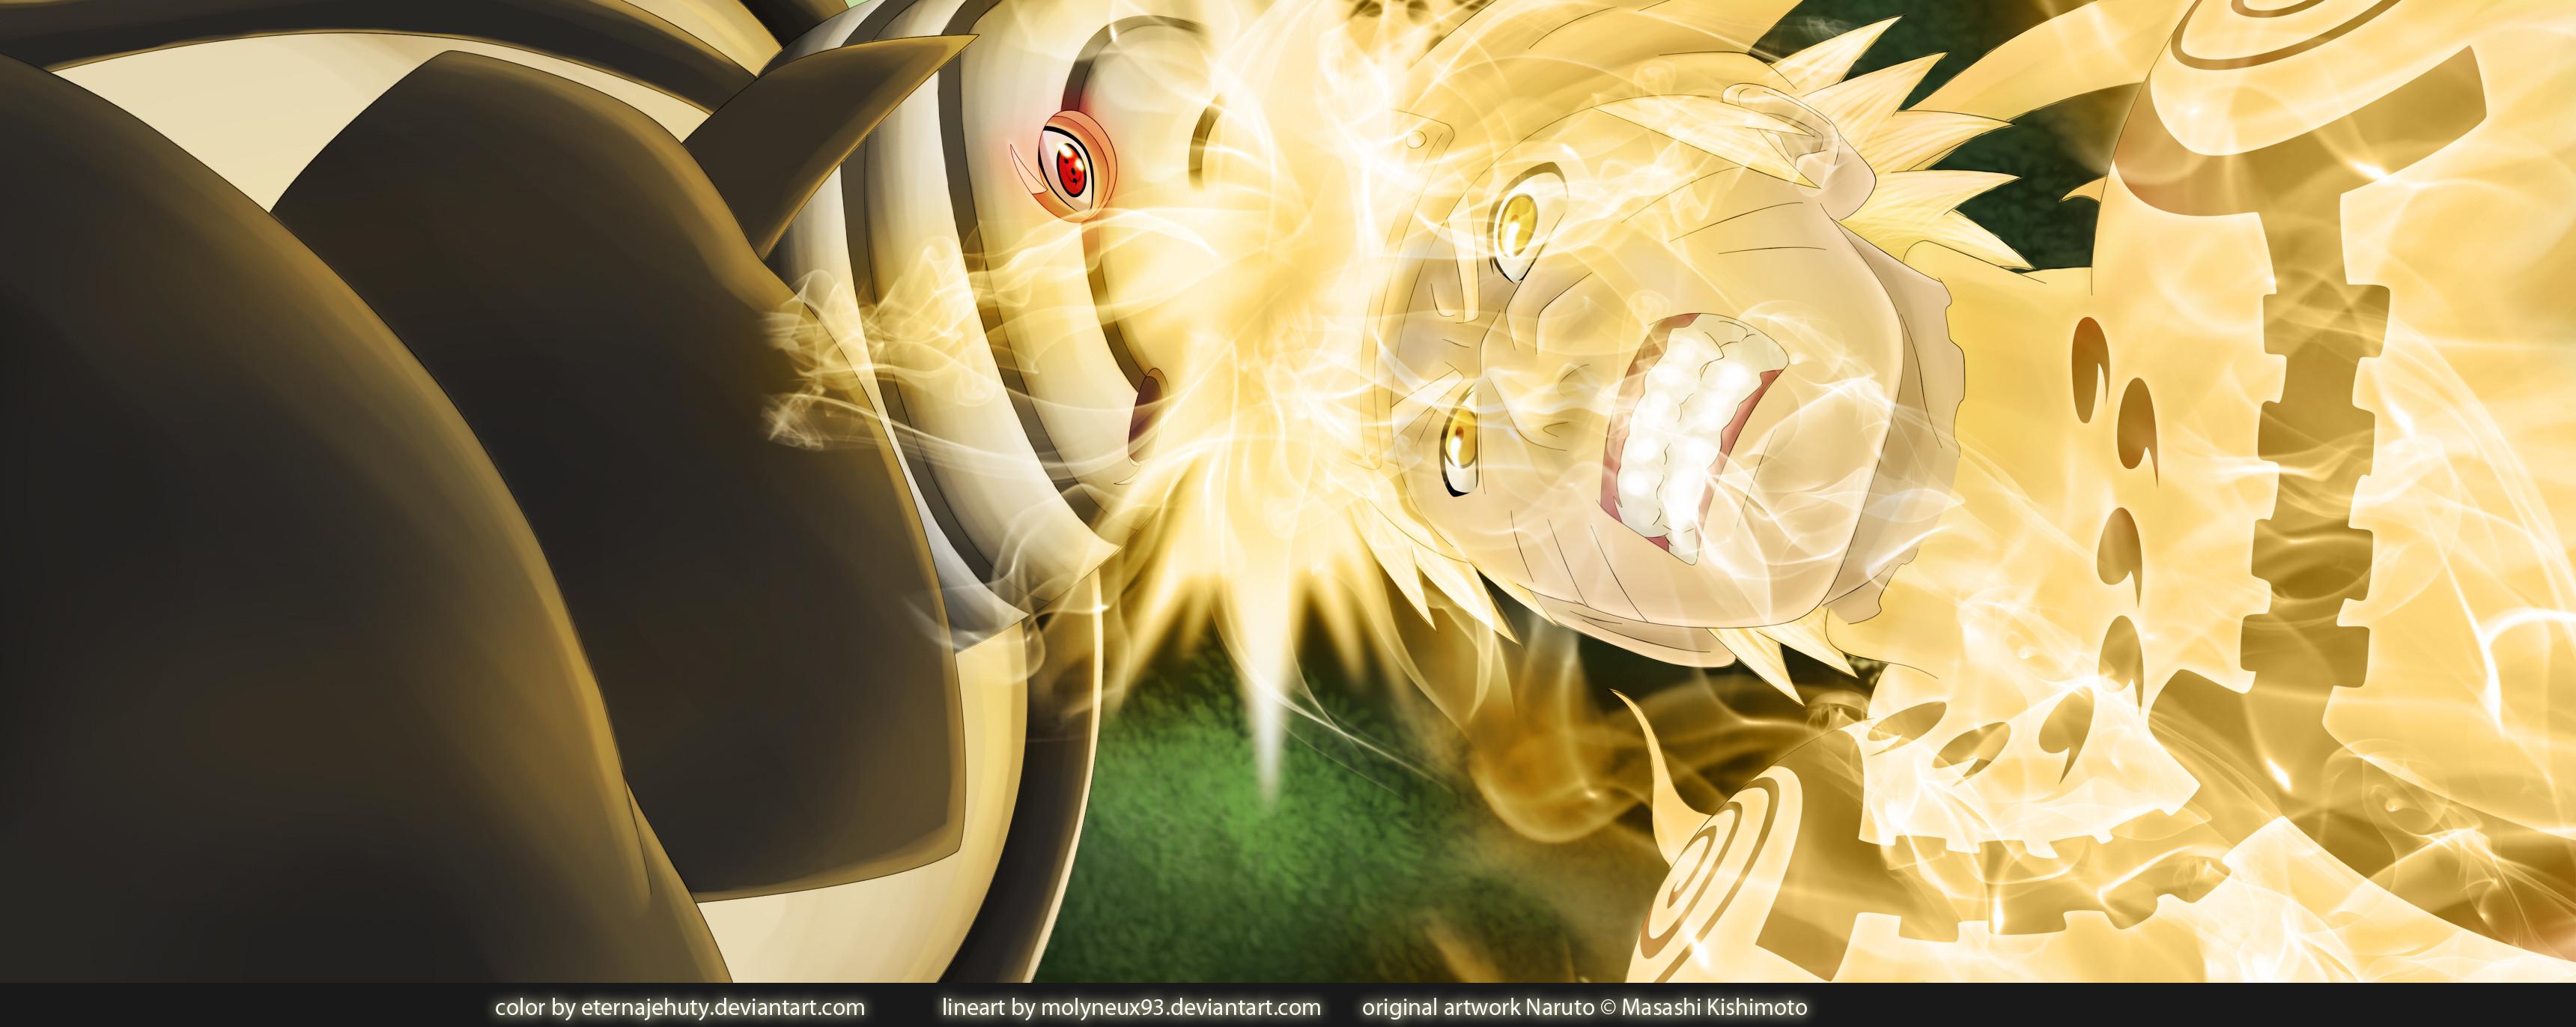 naruto and sasuke vs madara wallpapers 54 images